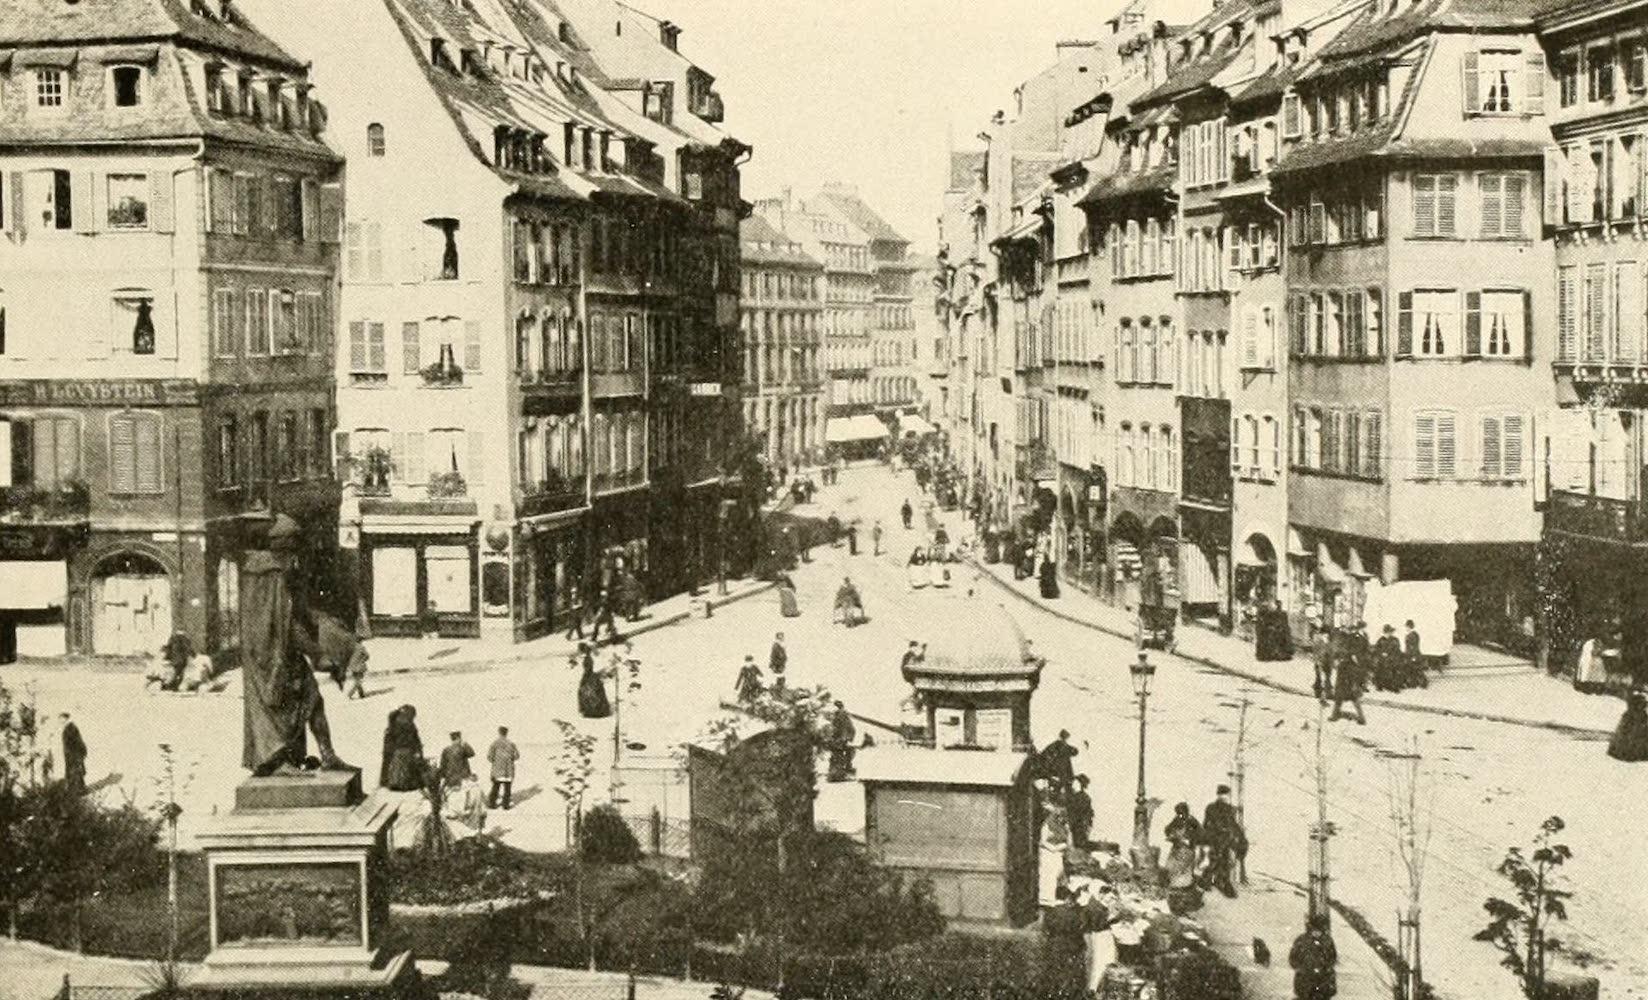 Laird & Lee's World's War Glimpses - Gutenburg Platz, in Strassburg, Alsace-Lorraine (1914)